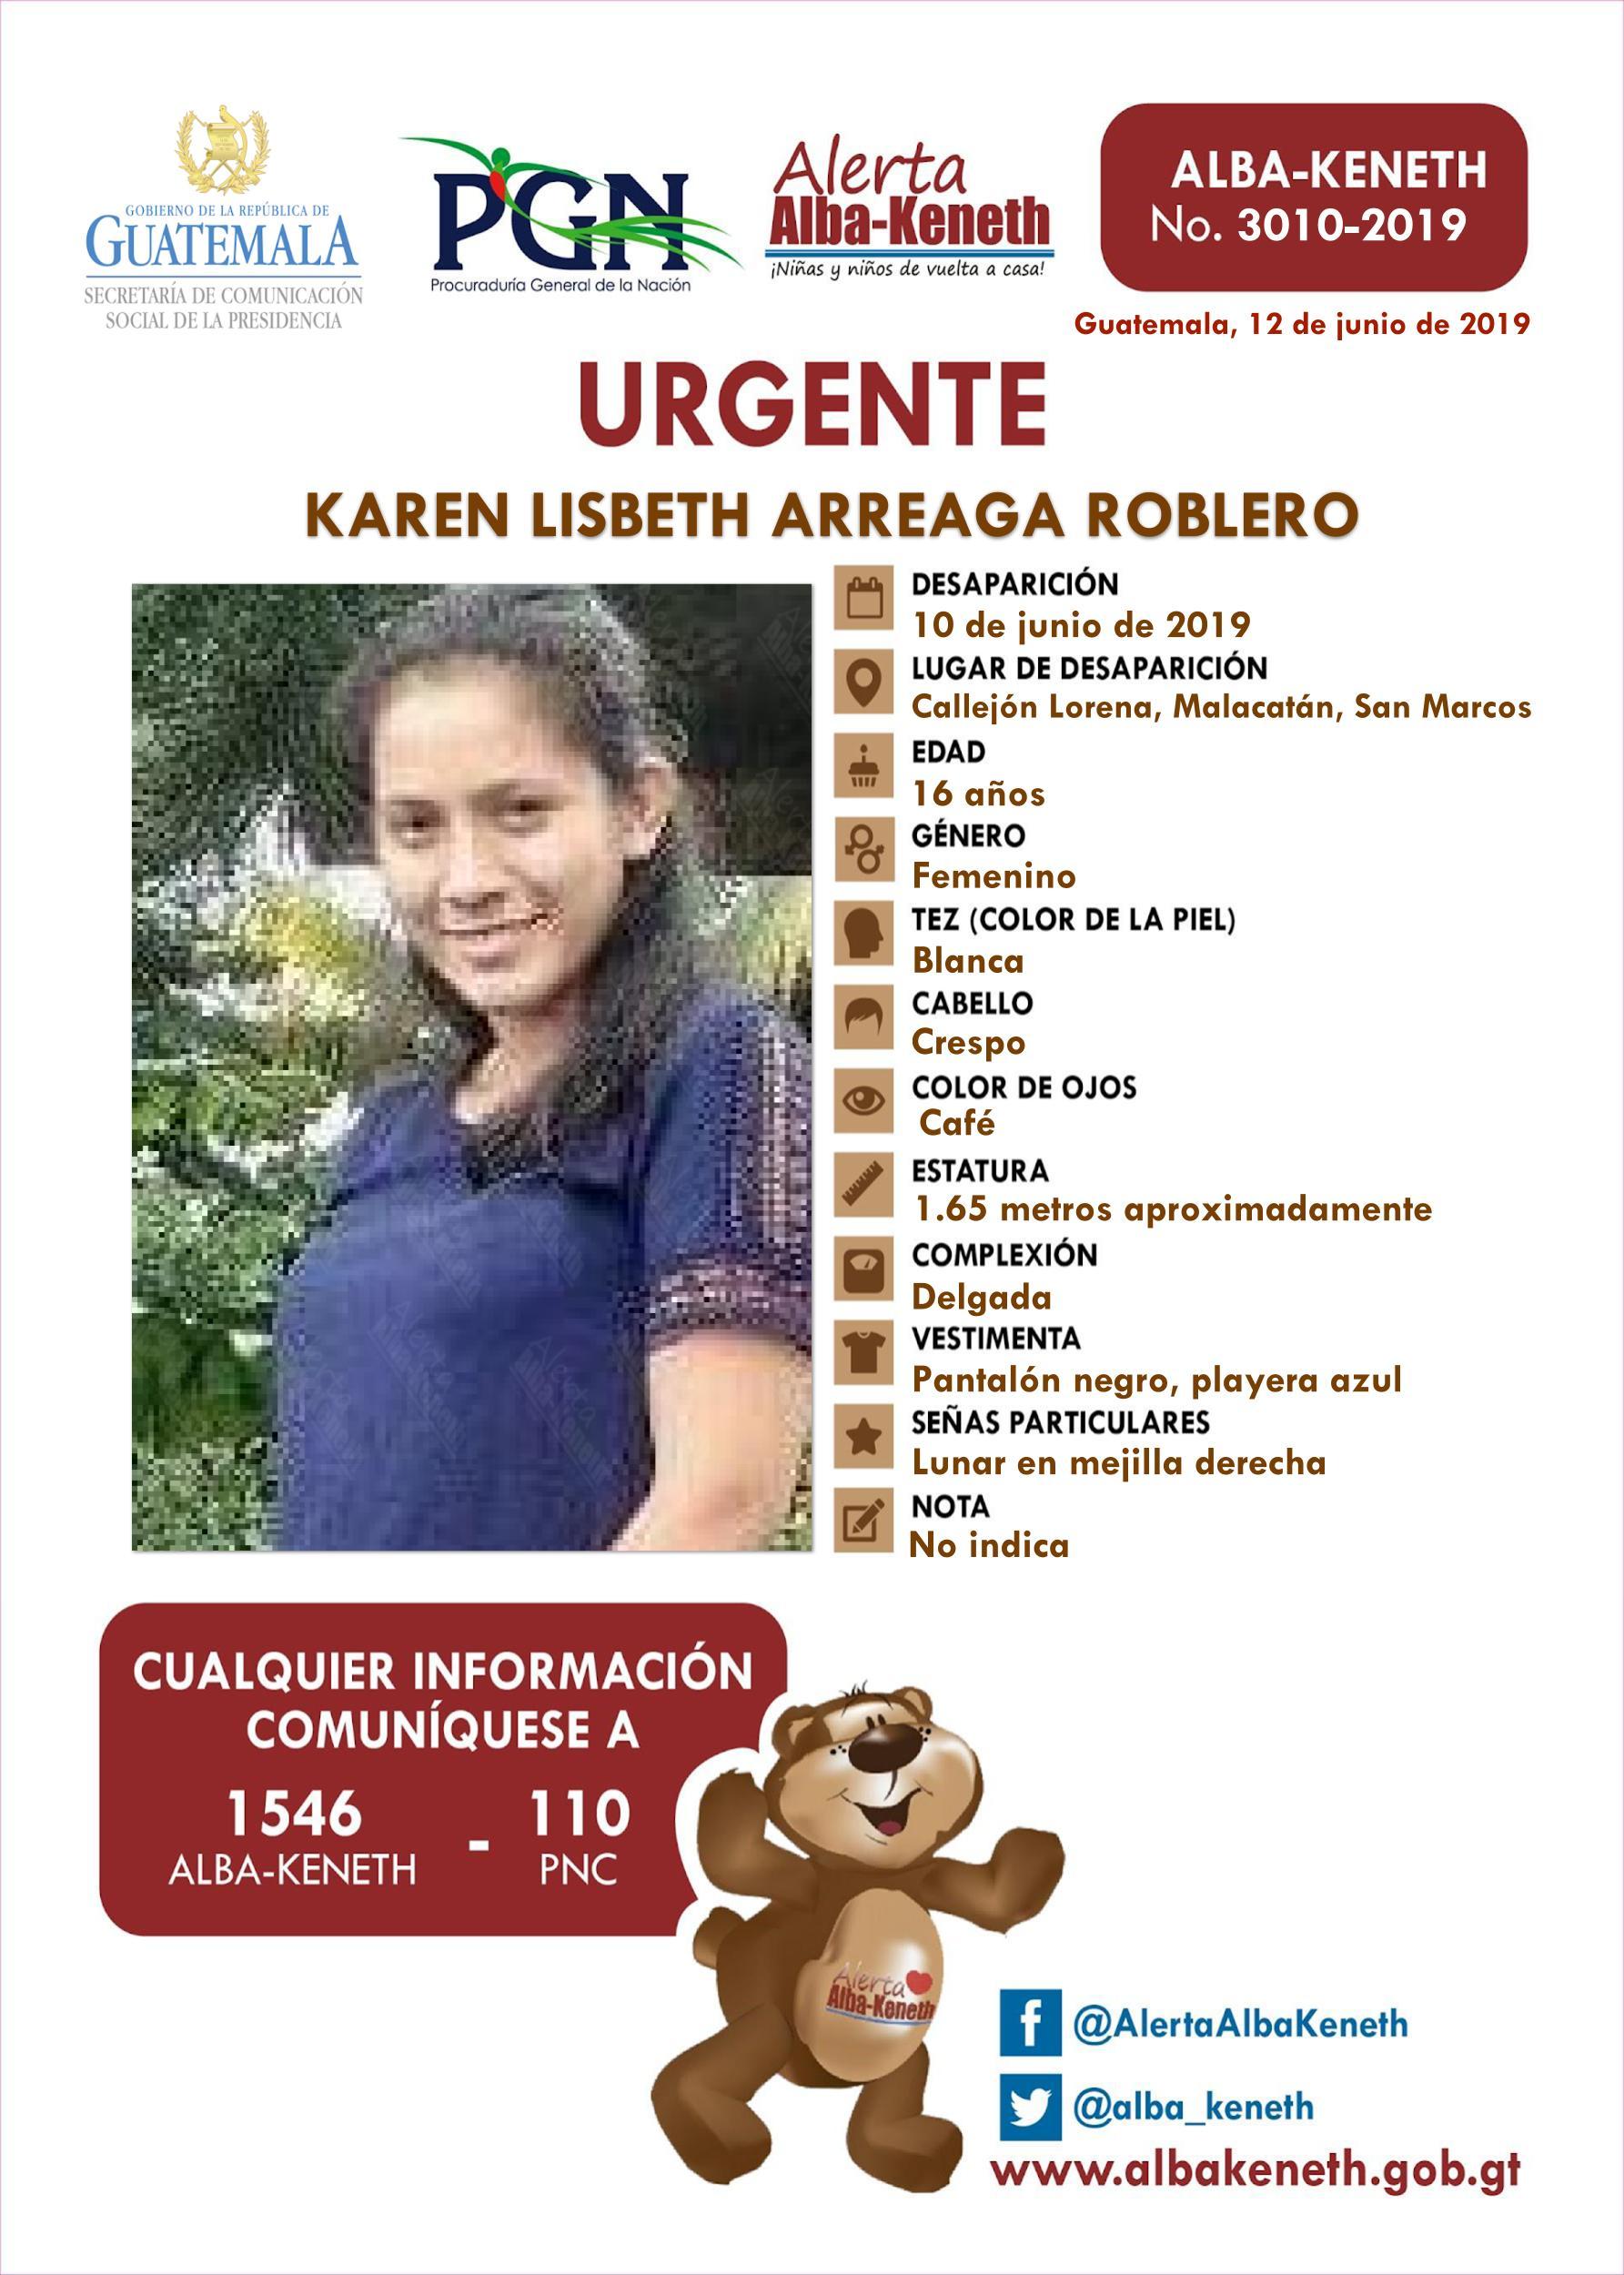 Karen Lisbeth Arreaga Roblero